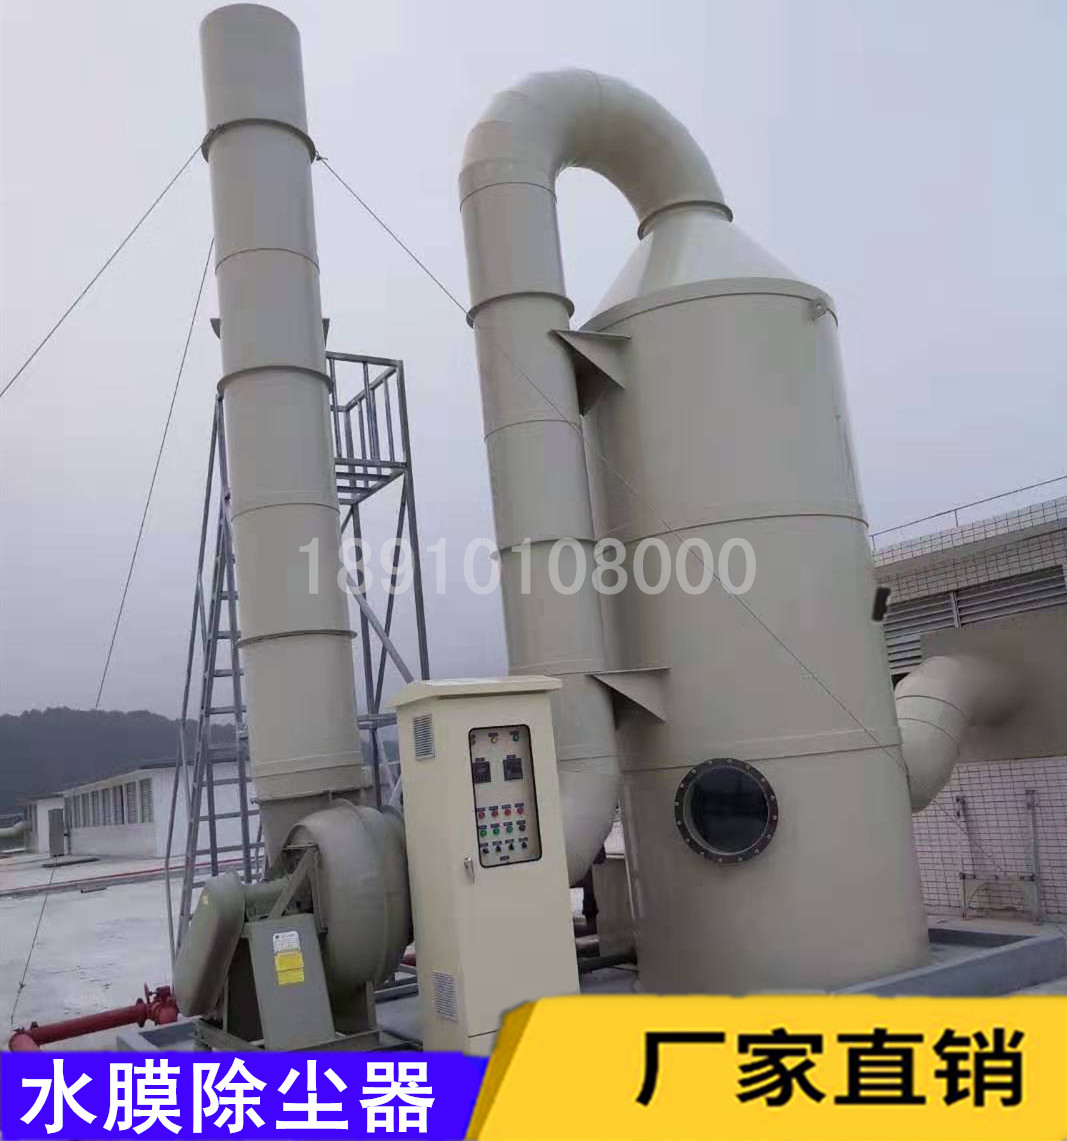 湖南水膜除尘器制造商,湖南专业生产水膜除尘器厂家,湖南水膜除尘器报价价格